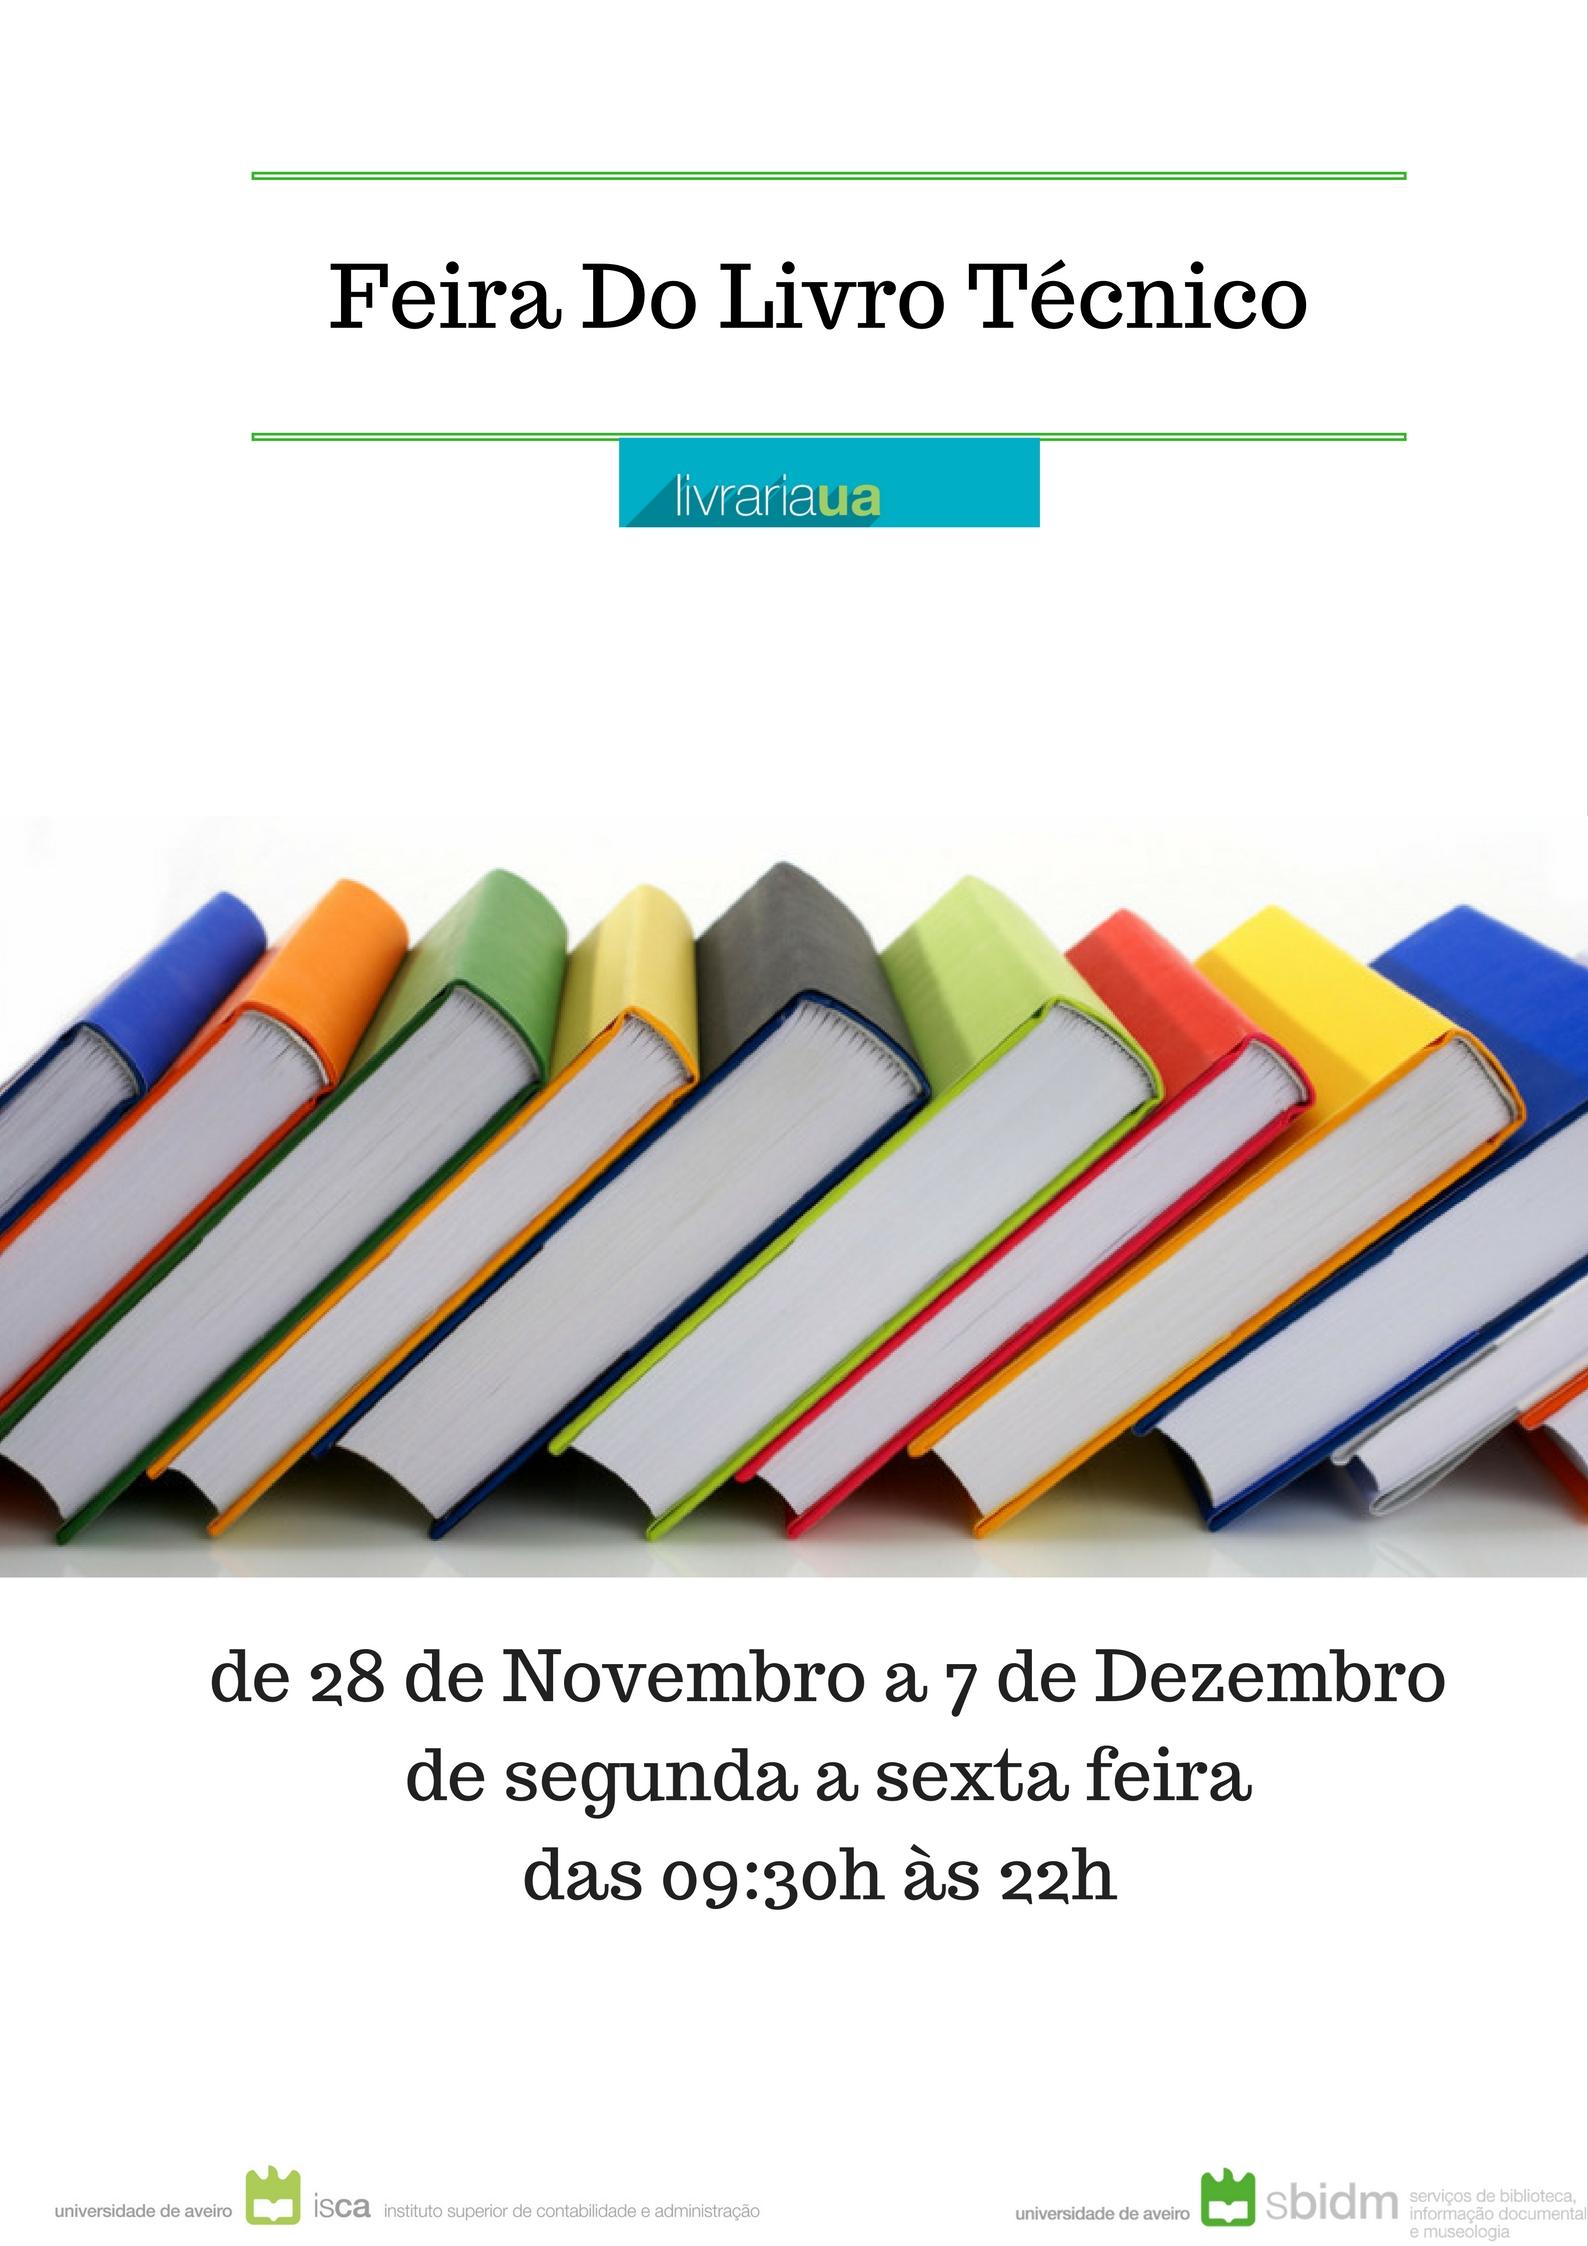 2feira-do-livro-tecnico